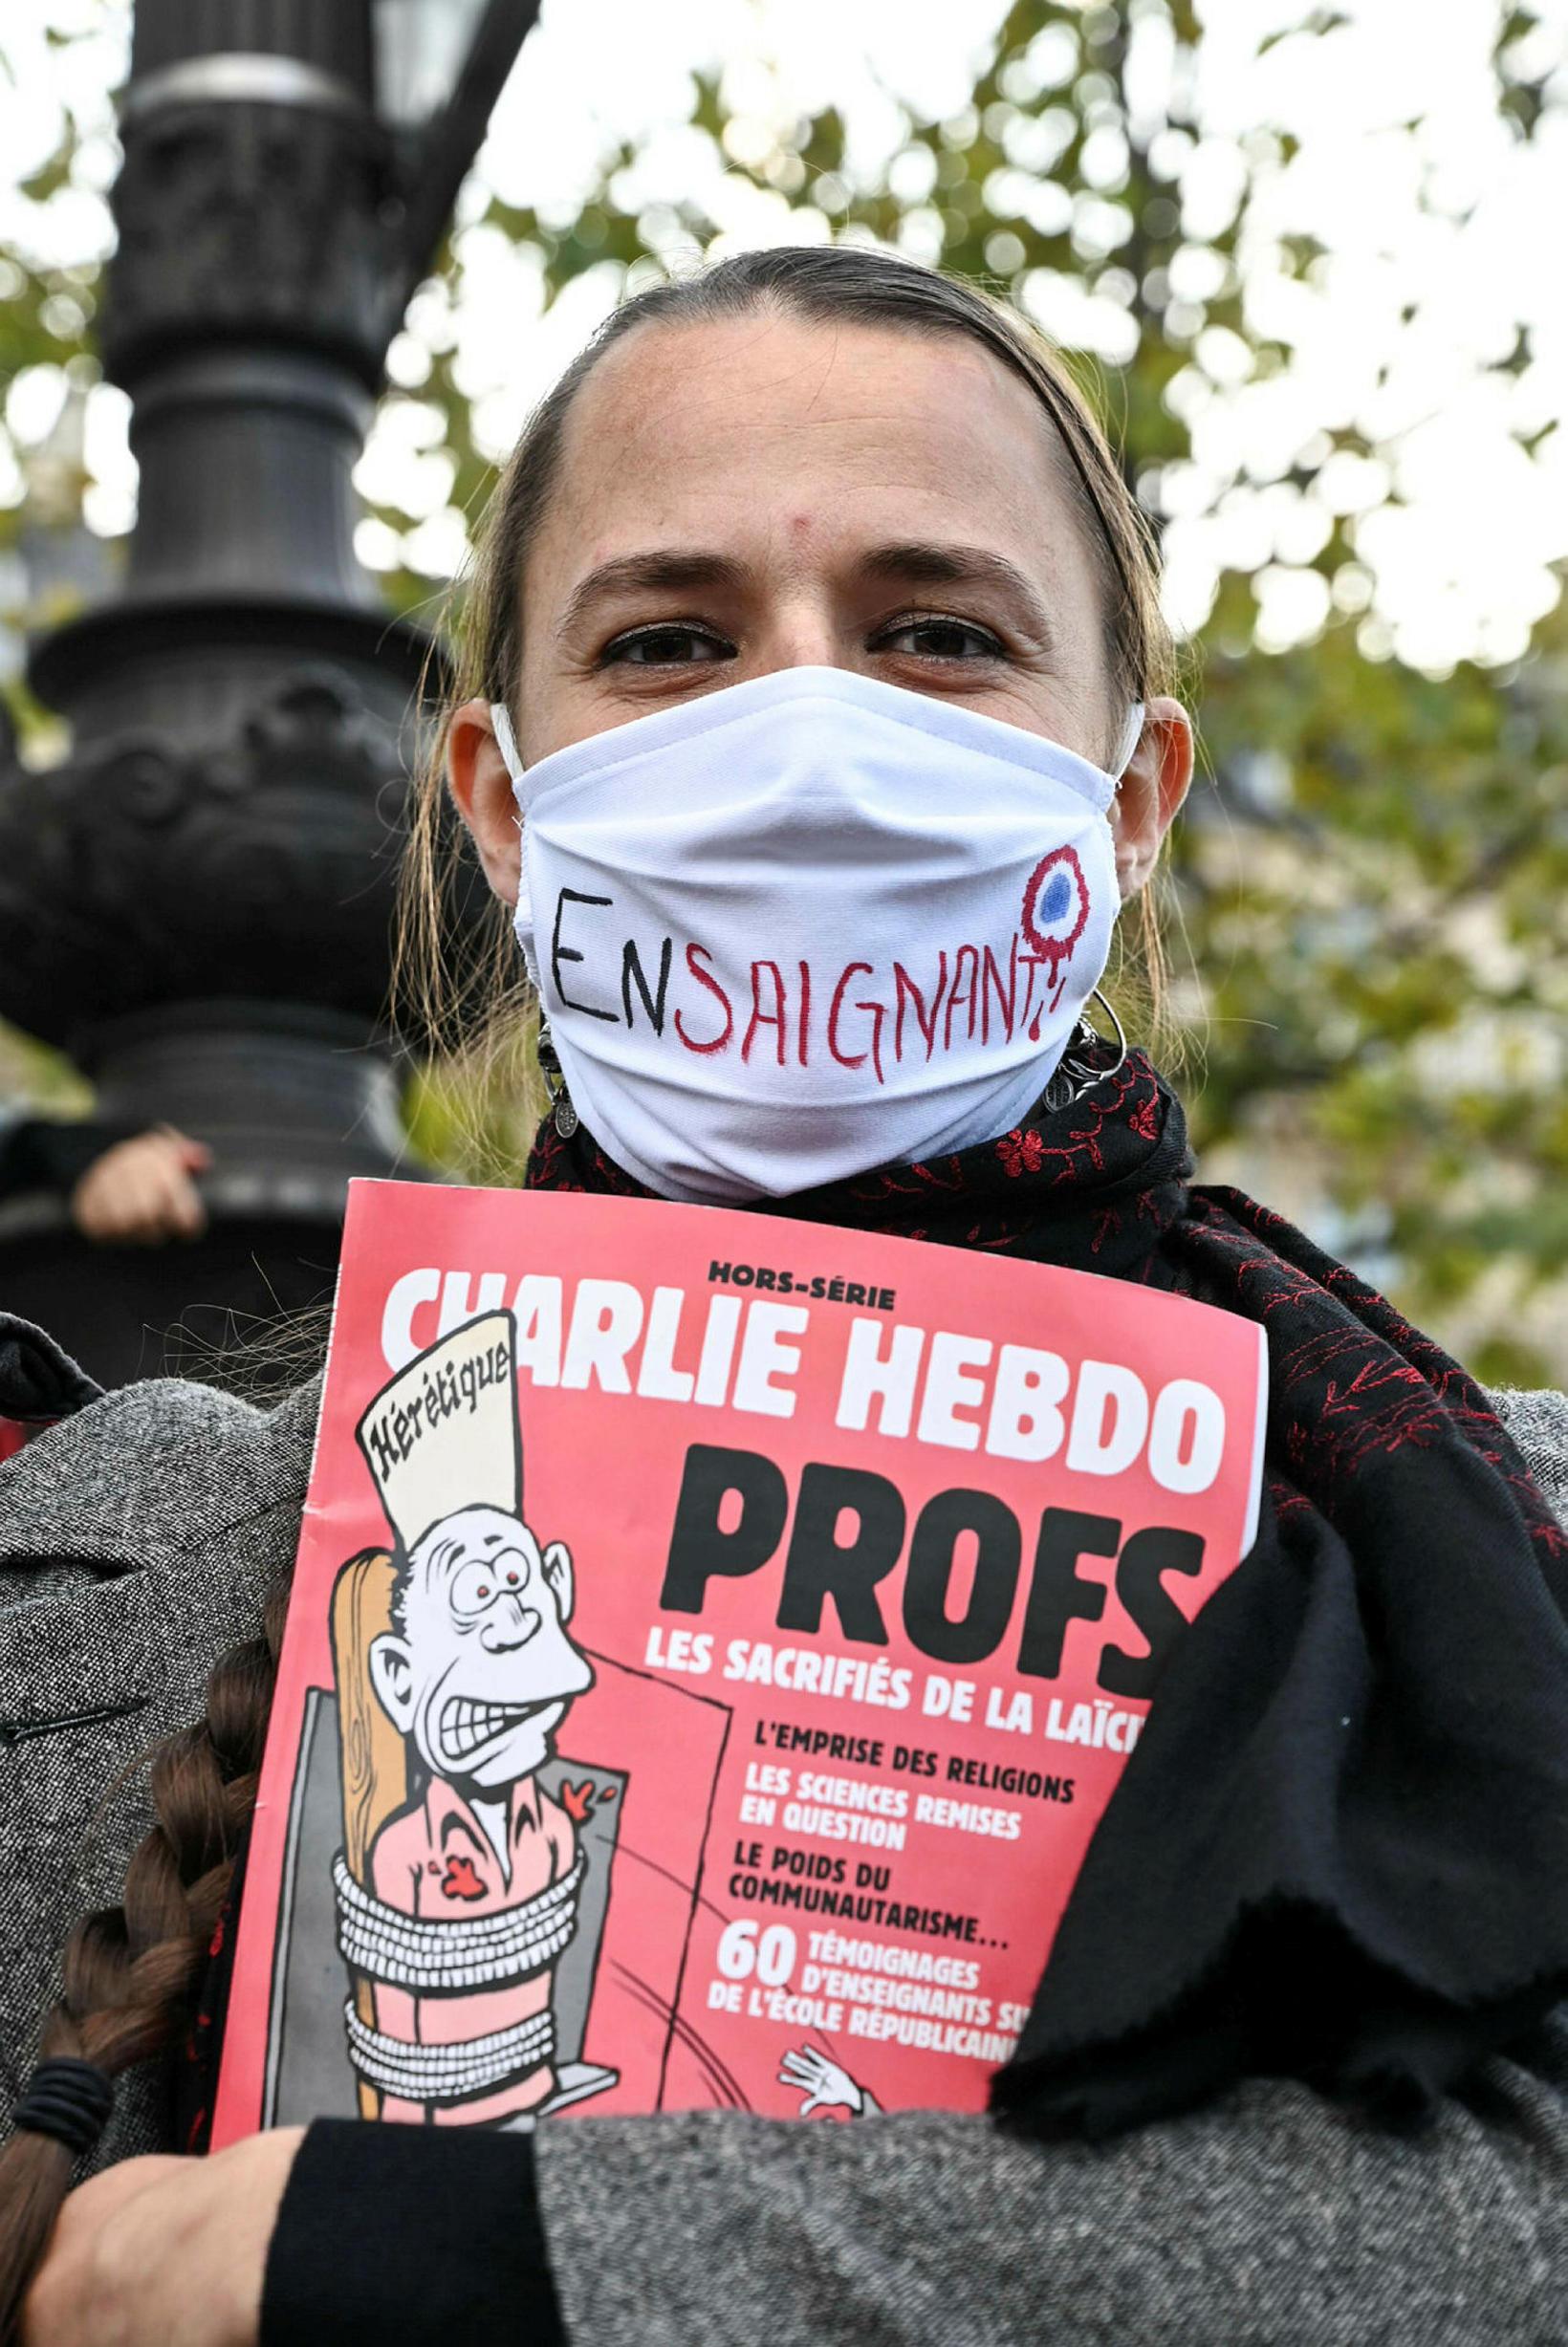 Kennari með eintak af Charlie Hebdo.